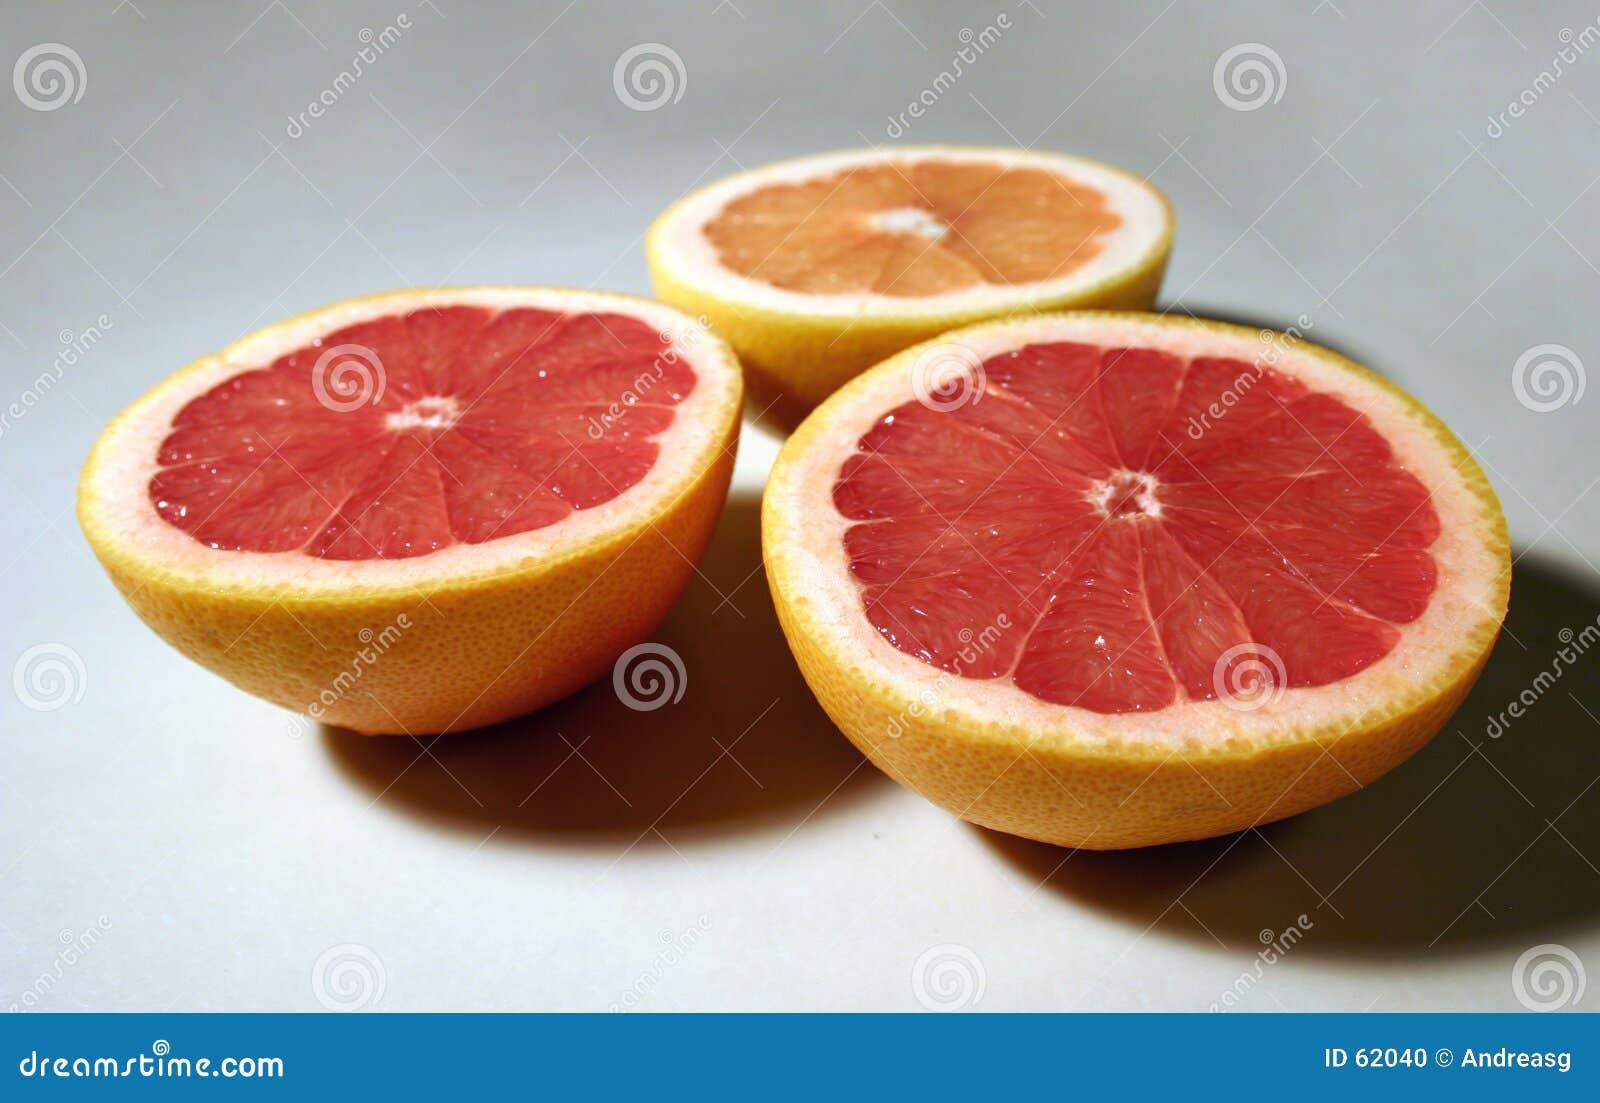 3 halfs del pomelo